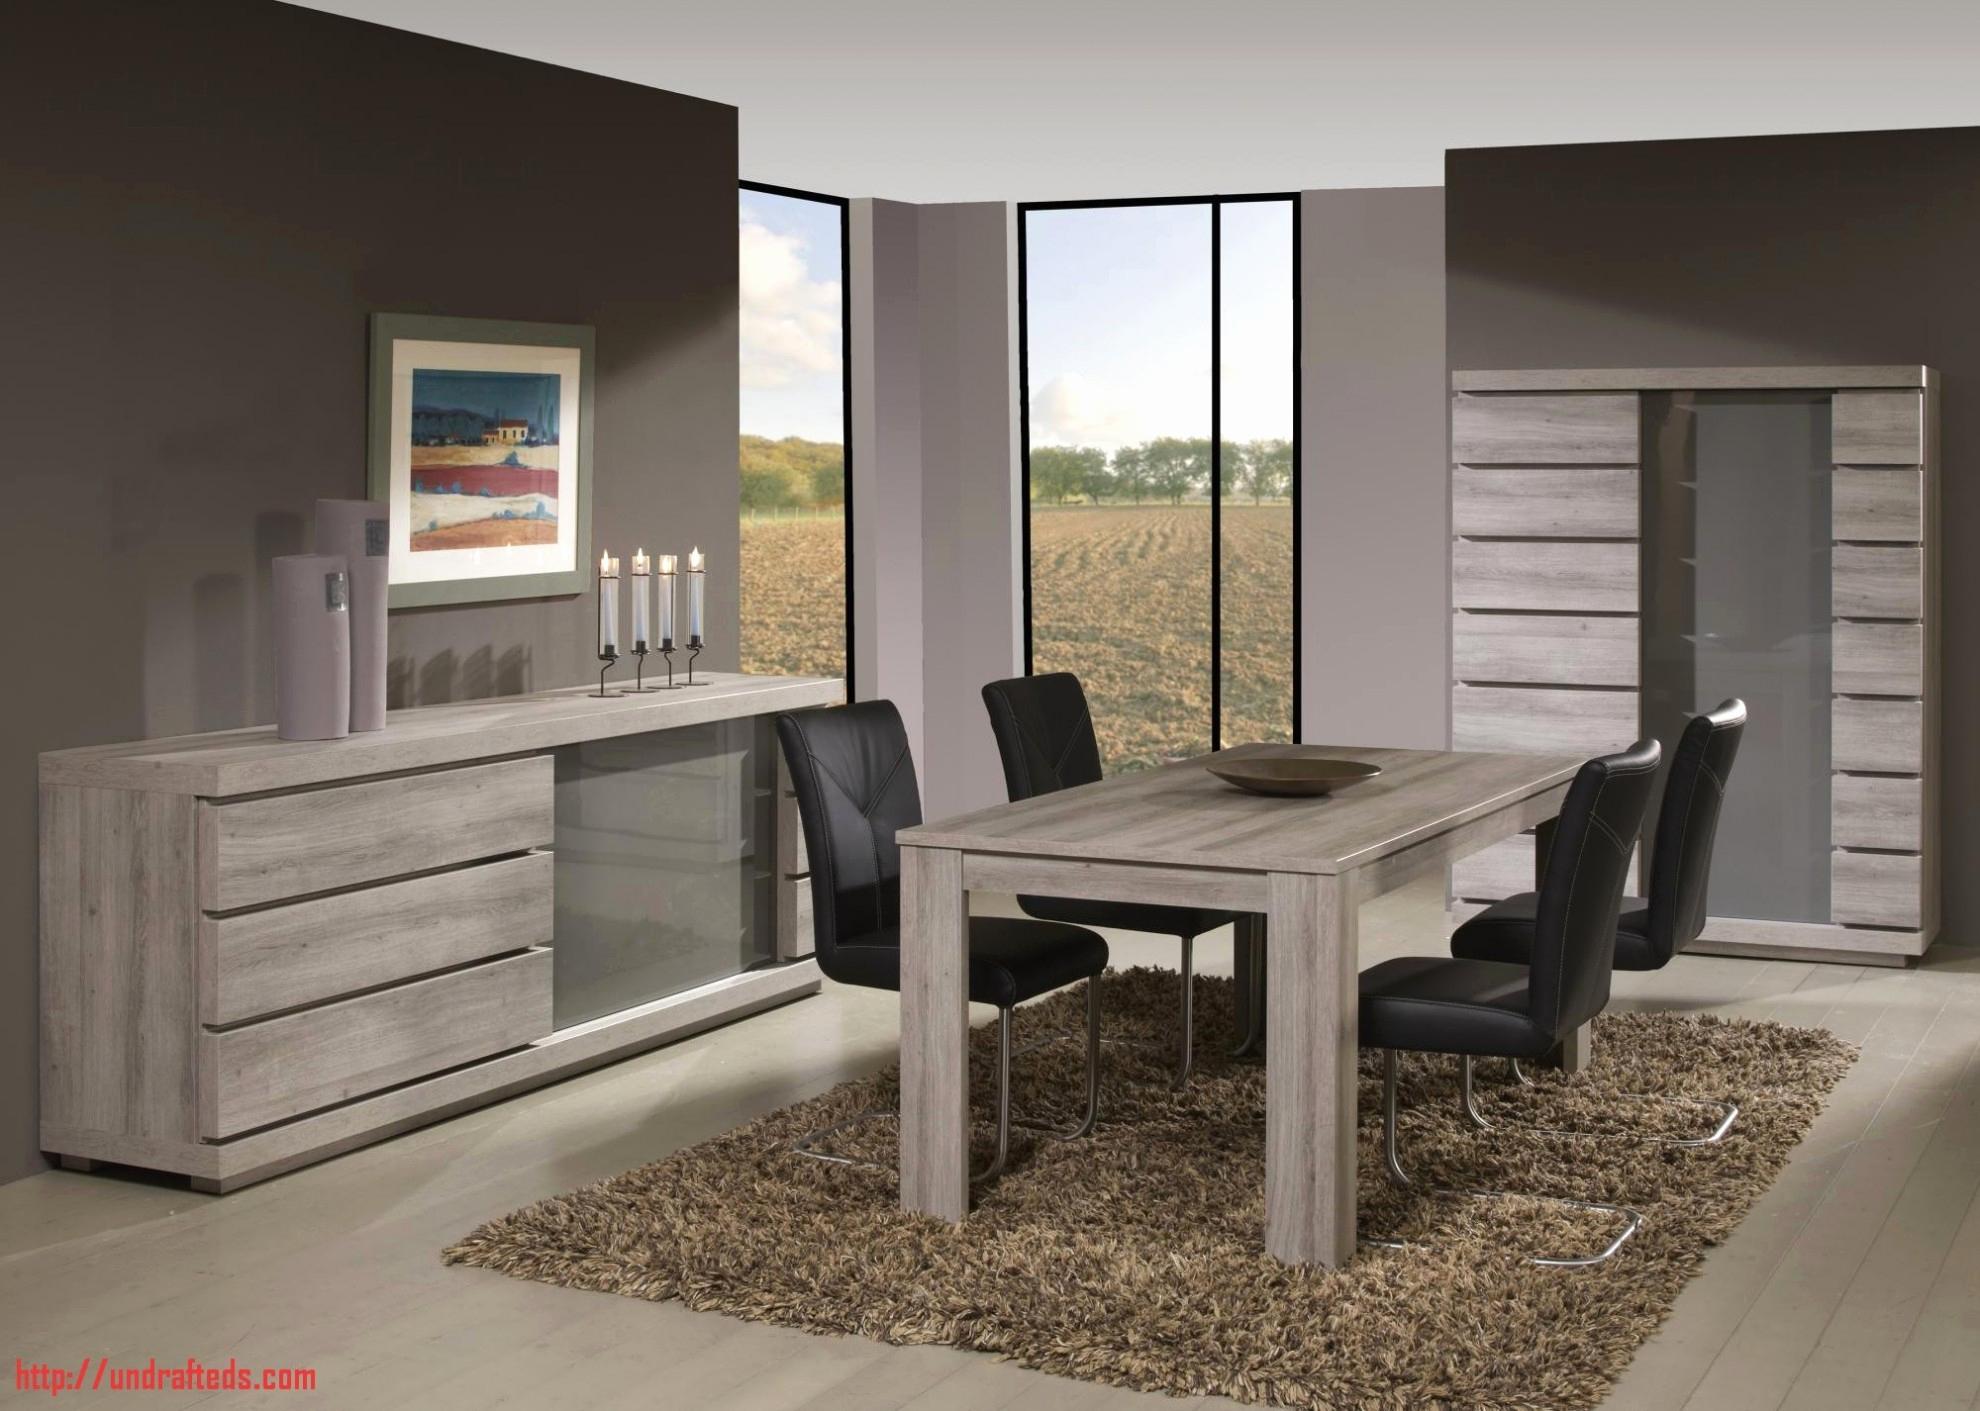 mieux photographie de but chaise de salle a manger genial lesmeubles conforama chaises salle a manger conforama chaise 0d of mieux photographie de but chaise de salle a manger